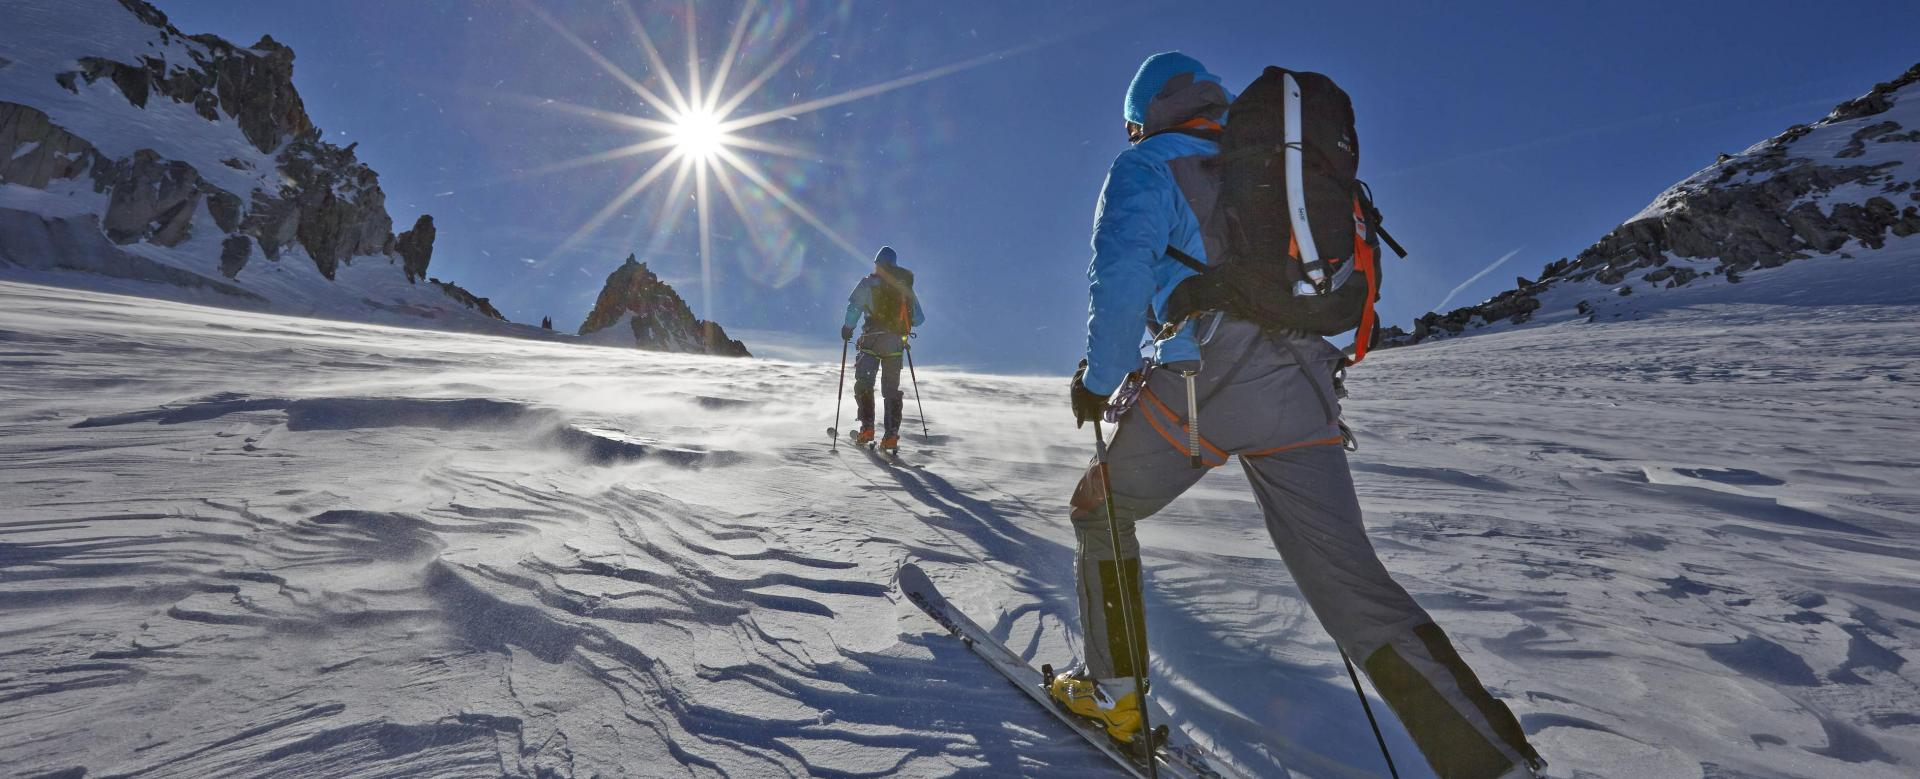 Voyage à pied : Ascension du mont-blanc